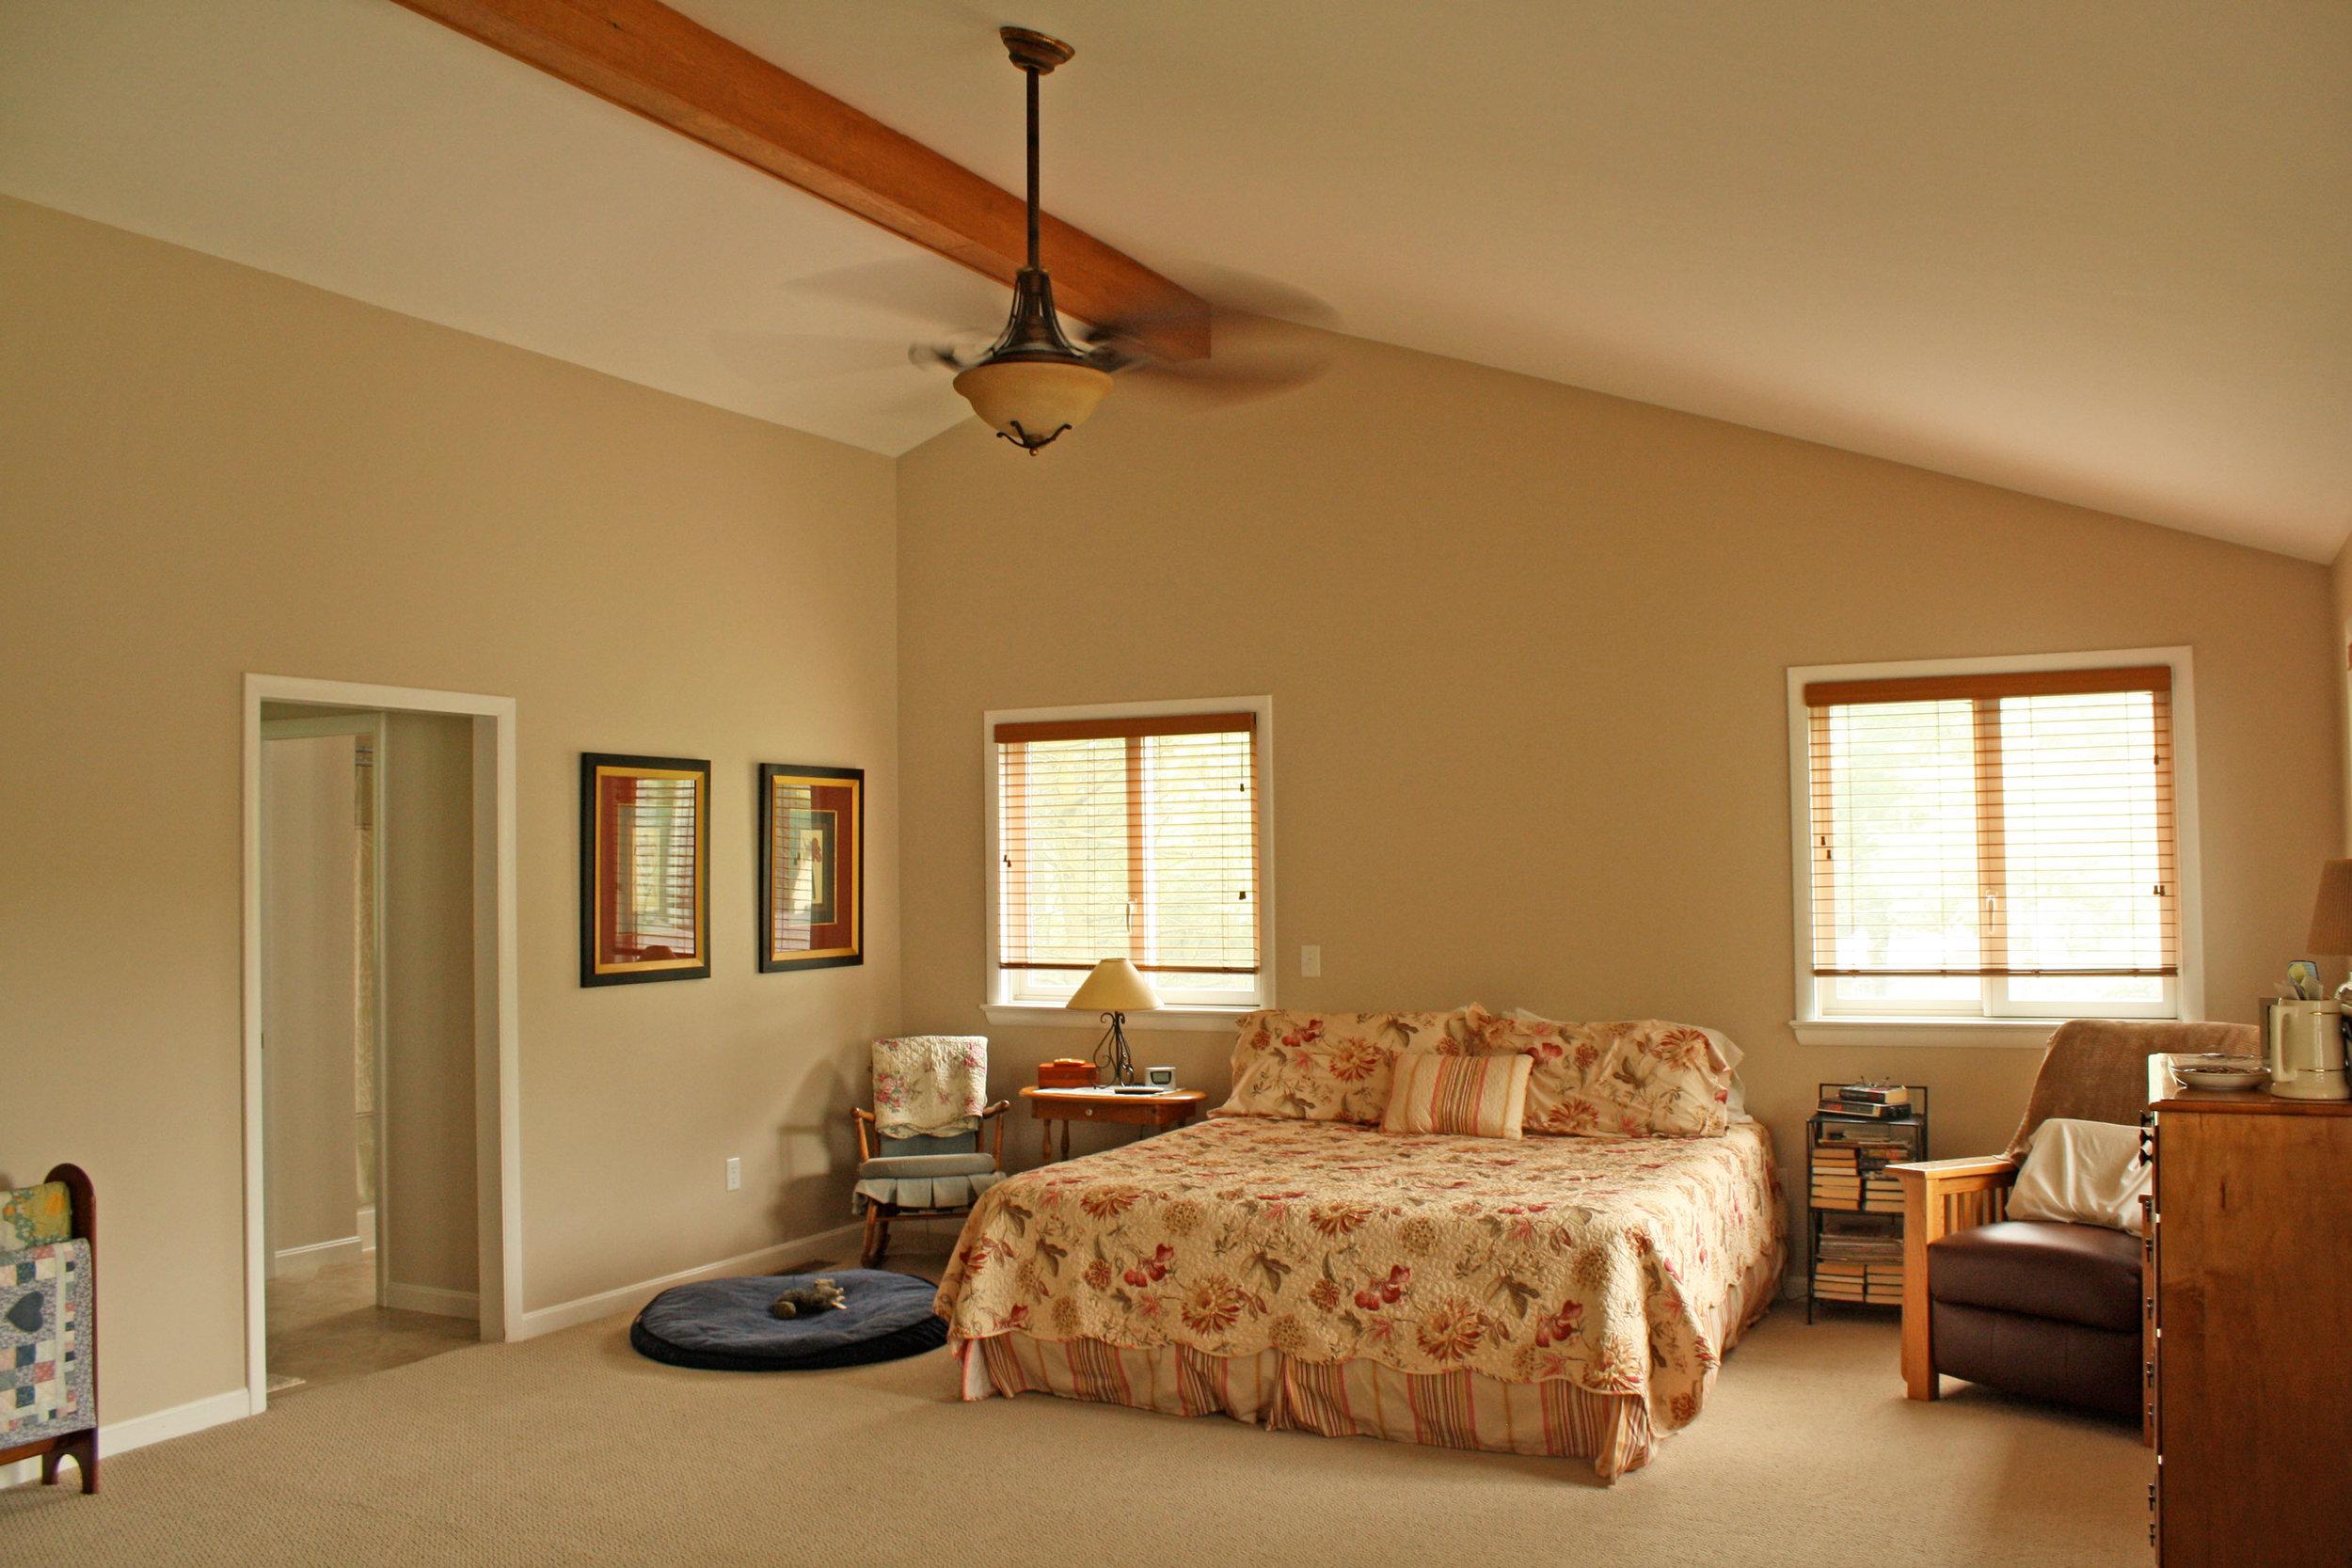 bedroom-beige-walls.jpg